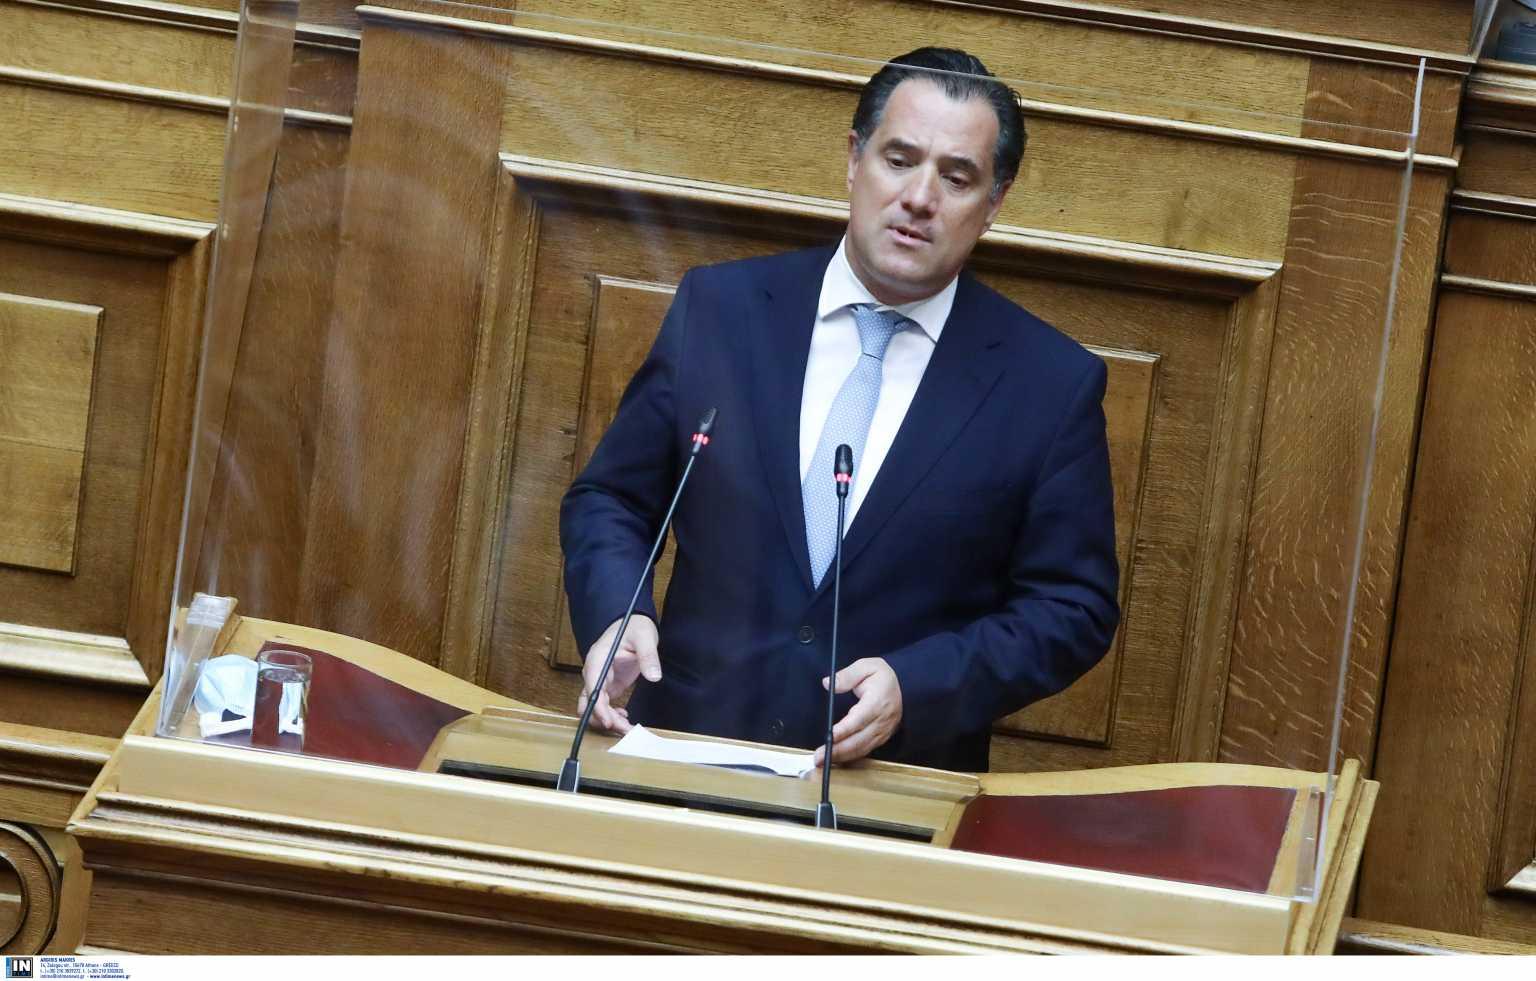 Γεωργιάδης: Η επιτροπή λέει όχι στα ανοικτά εμπορικά κέντρα – « Το κράτος δεν μπορεί να δίνει λεφτά για πάντα»